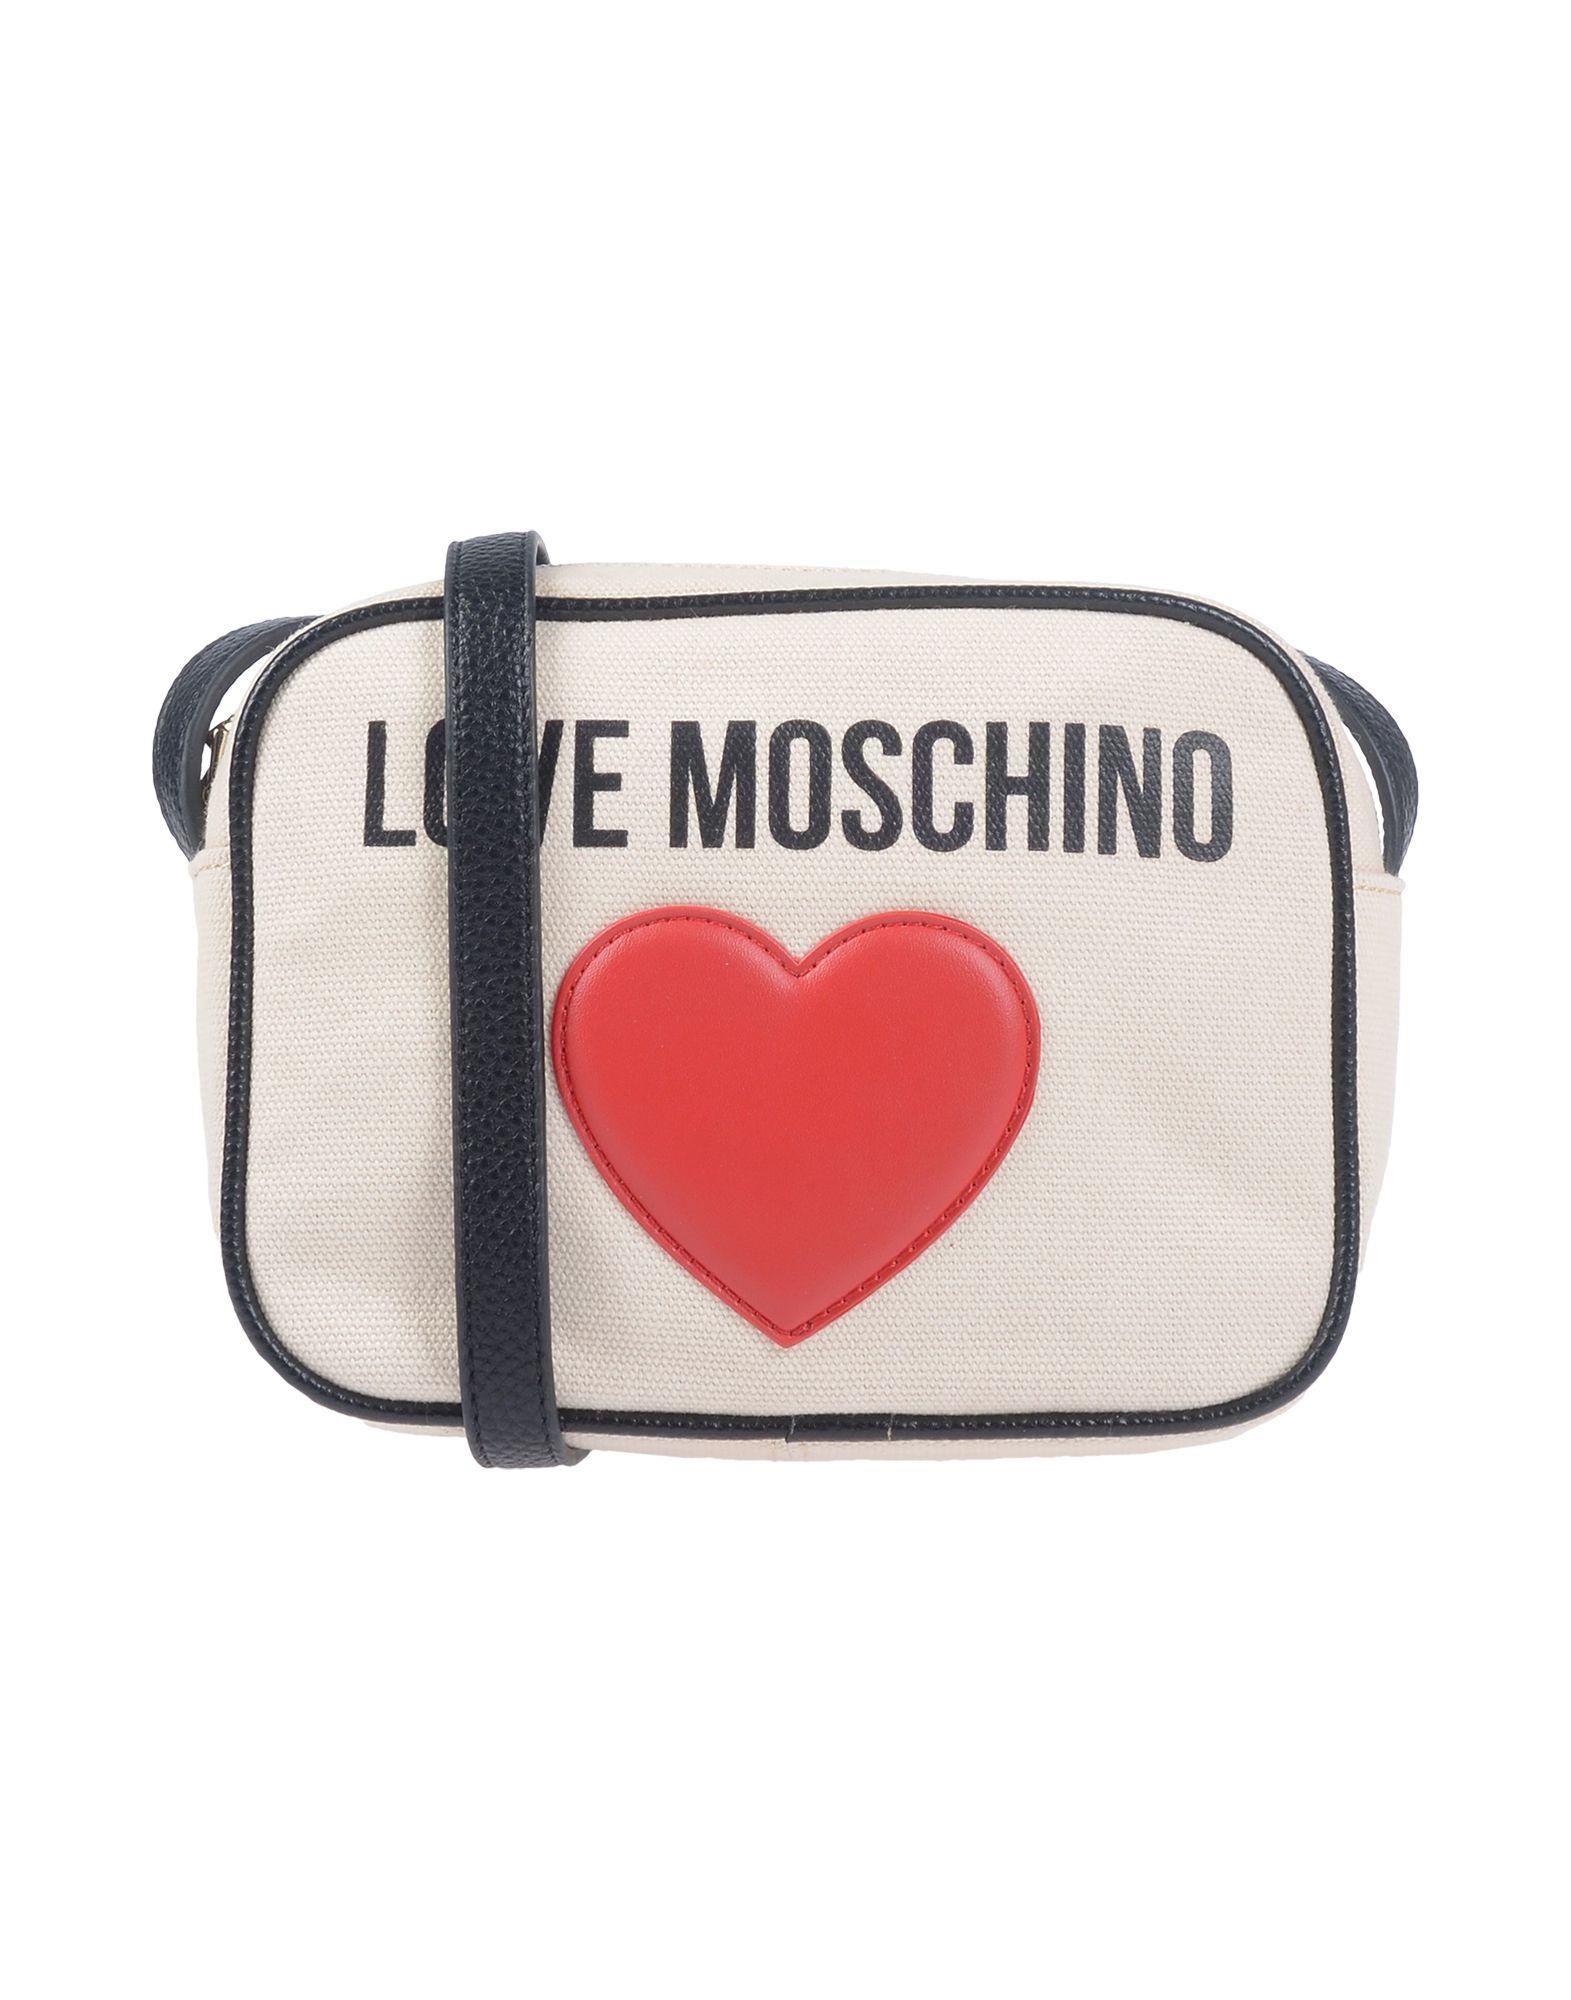 LOVE MOSCHINO Сумка через плечо love moschino сумка через плечо